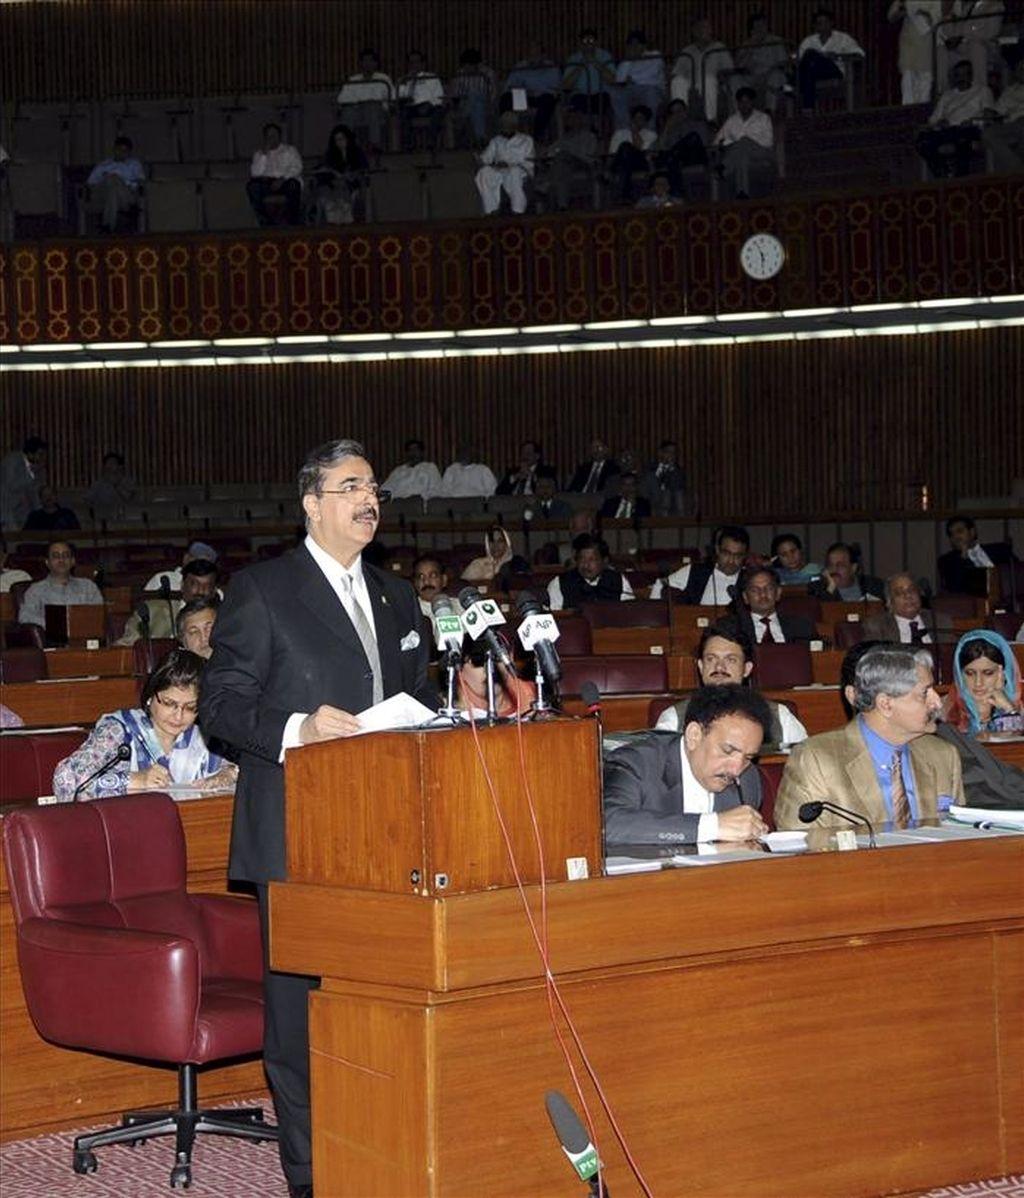 Fotografía cedida por el departamento de prensa el 9 de mayo de 2011 que muesta al Primer Ministro de Paquistán Yusuf Raza Gilani informando a los parlamentarios sobre el incursión de los Estados Unidos para asesinar a Osama Bin Laden, en Islamabad, Paquistán. EFE/Archivo